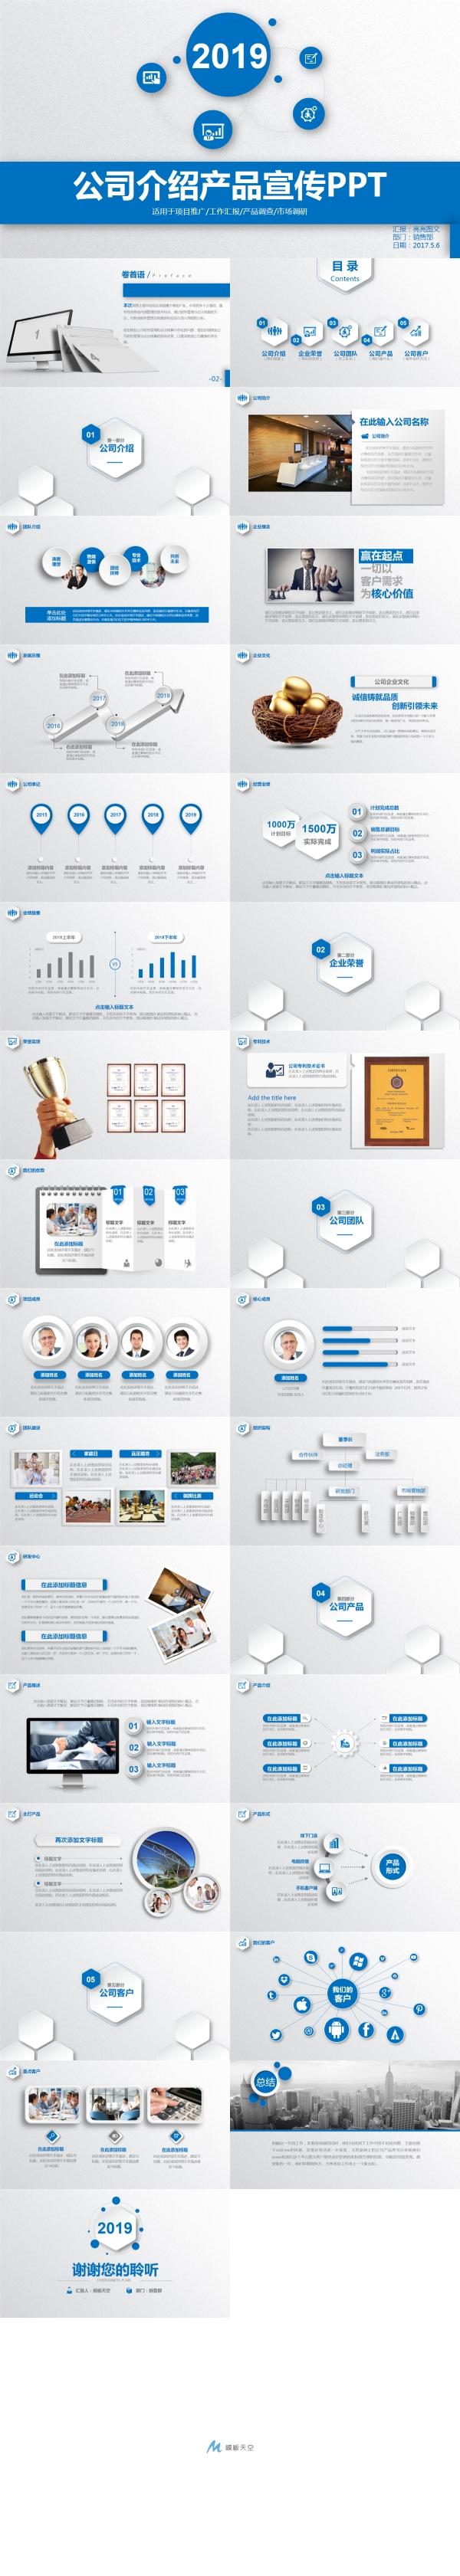 2019蓝色公司介绍产品宣传PPT模板